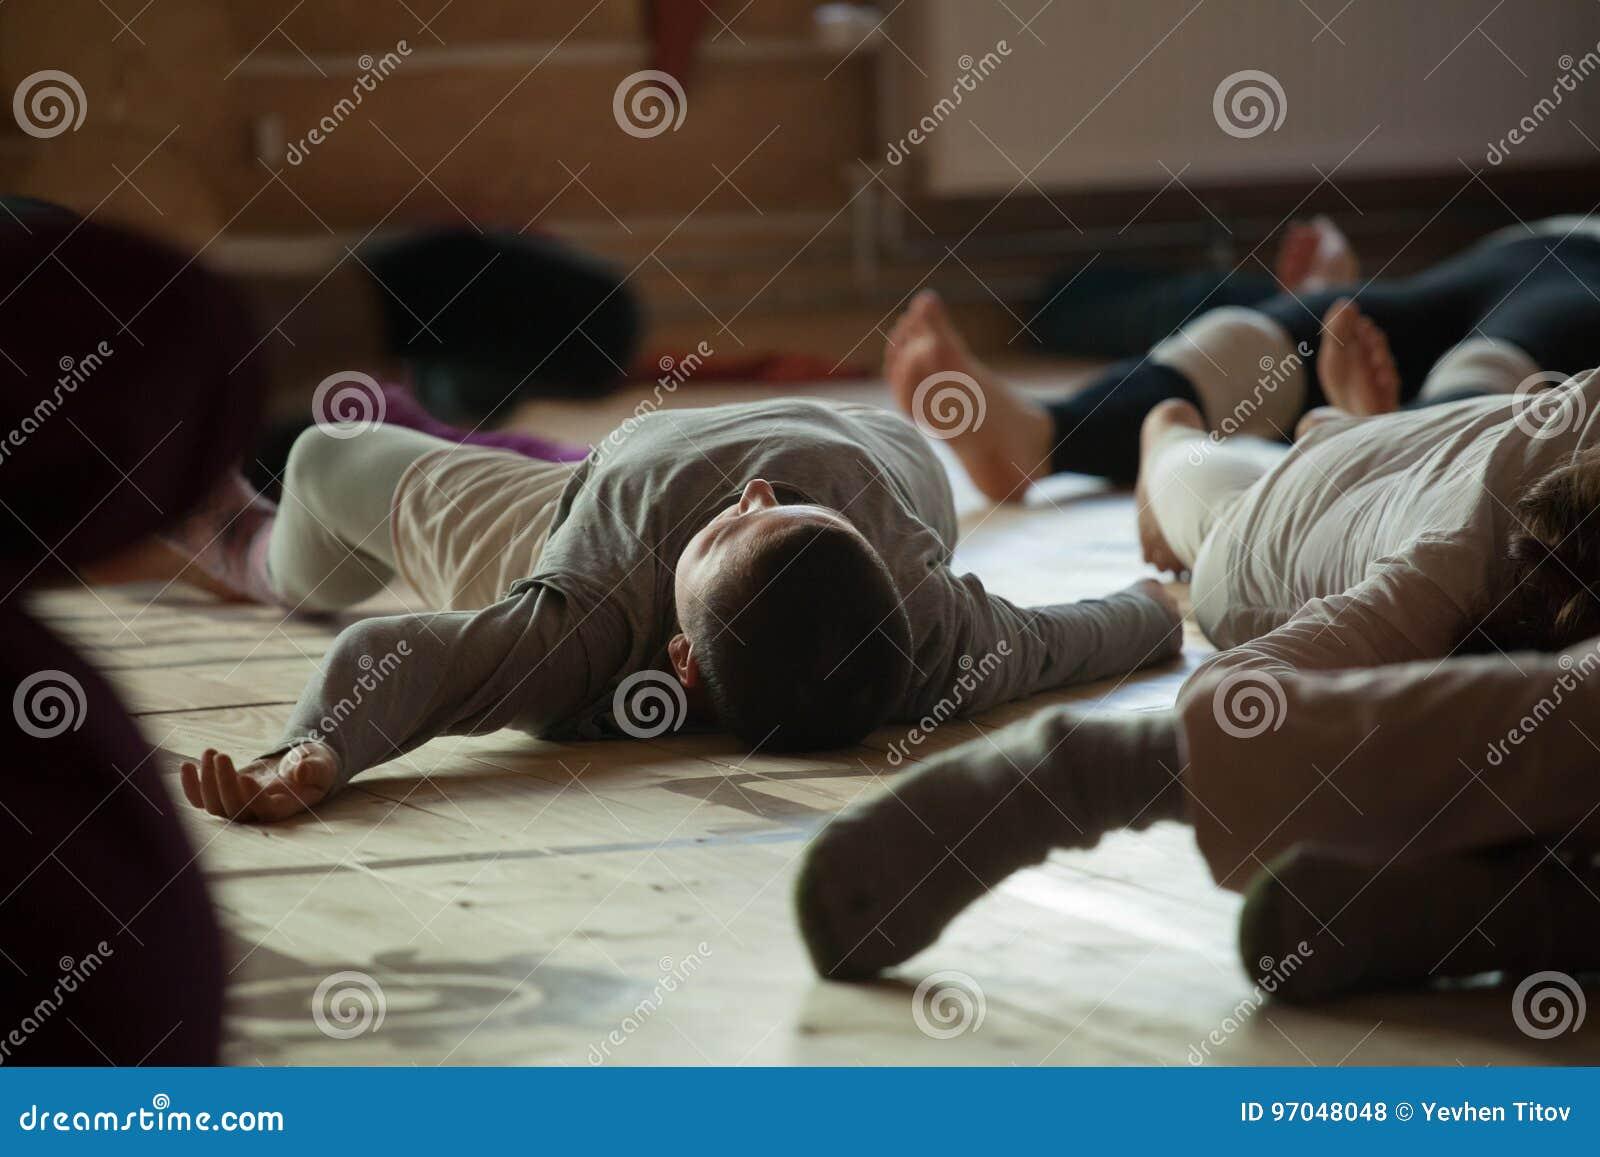 Tänzer bezahlt, Beine, auf Boden